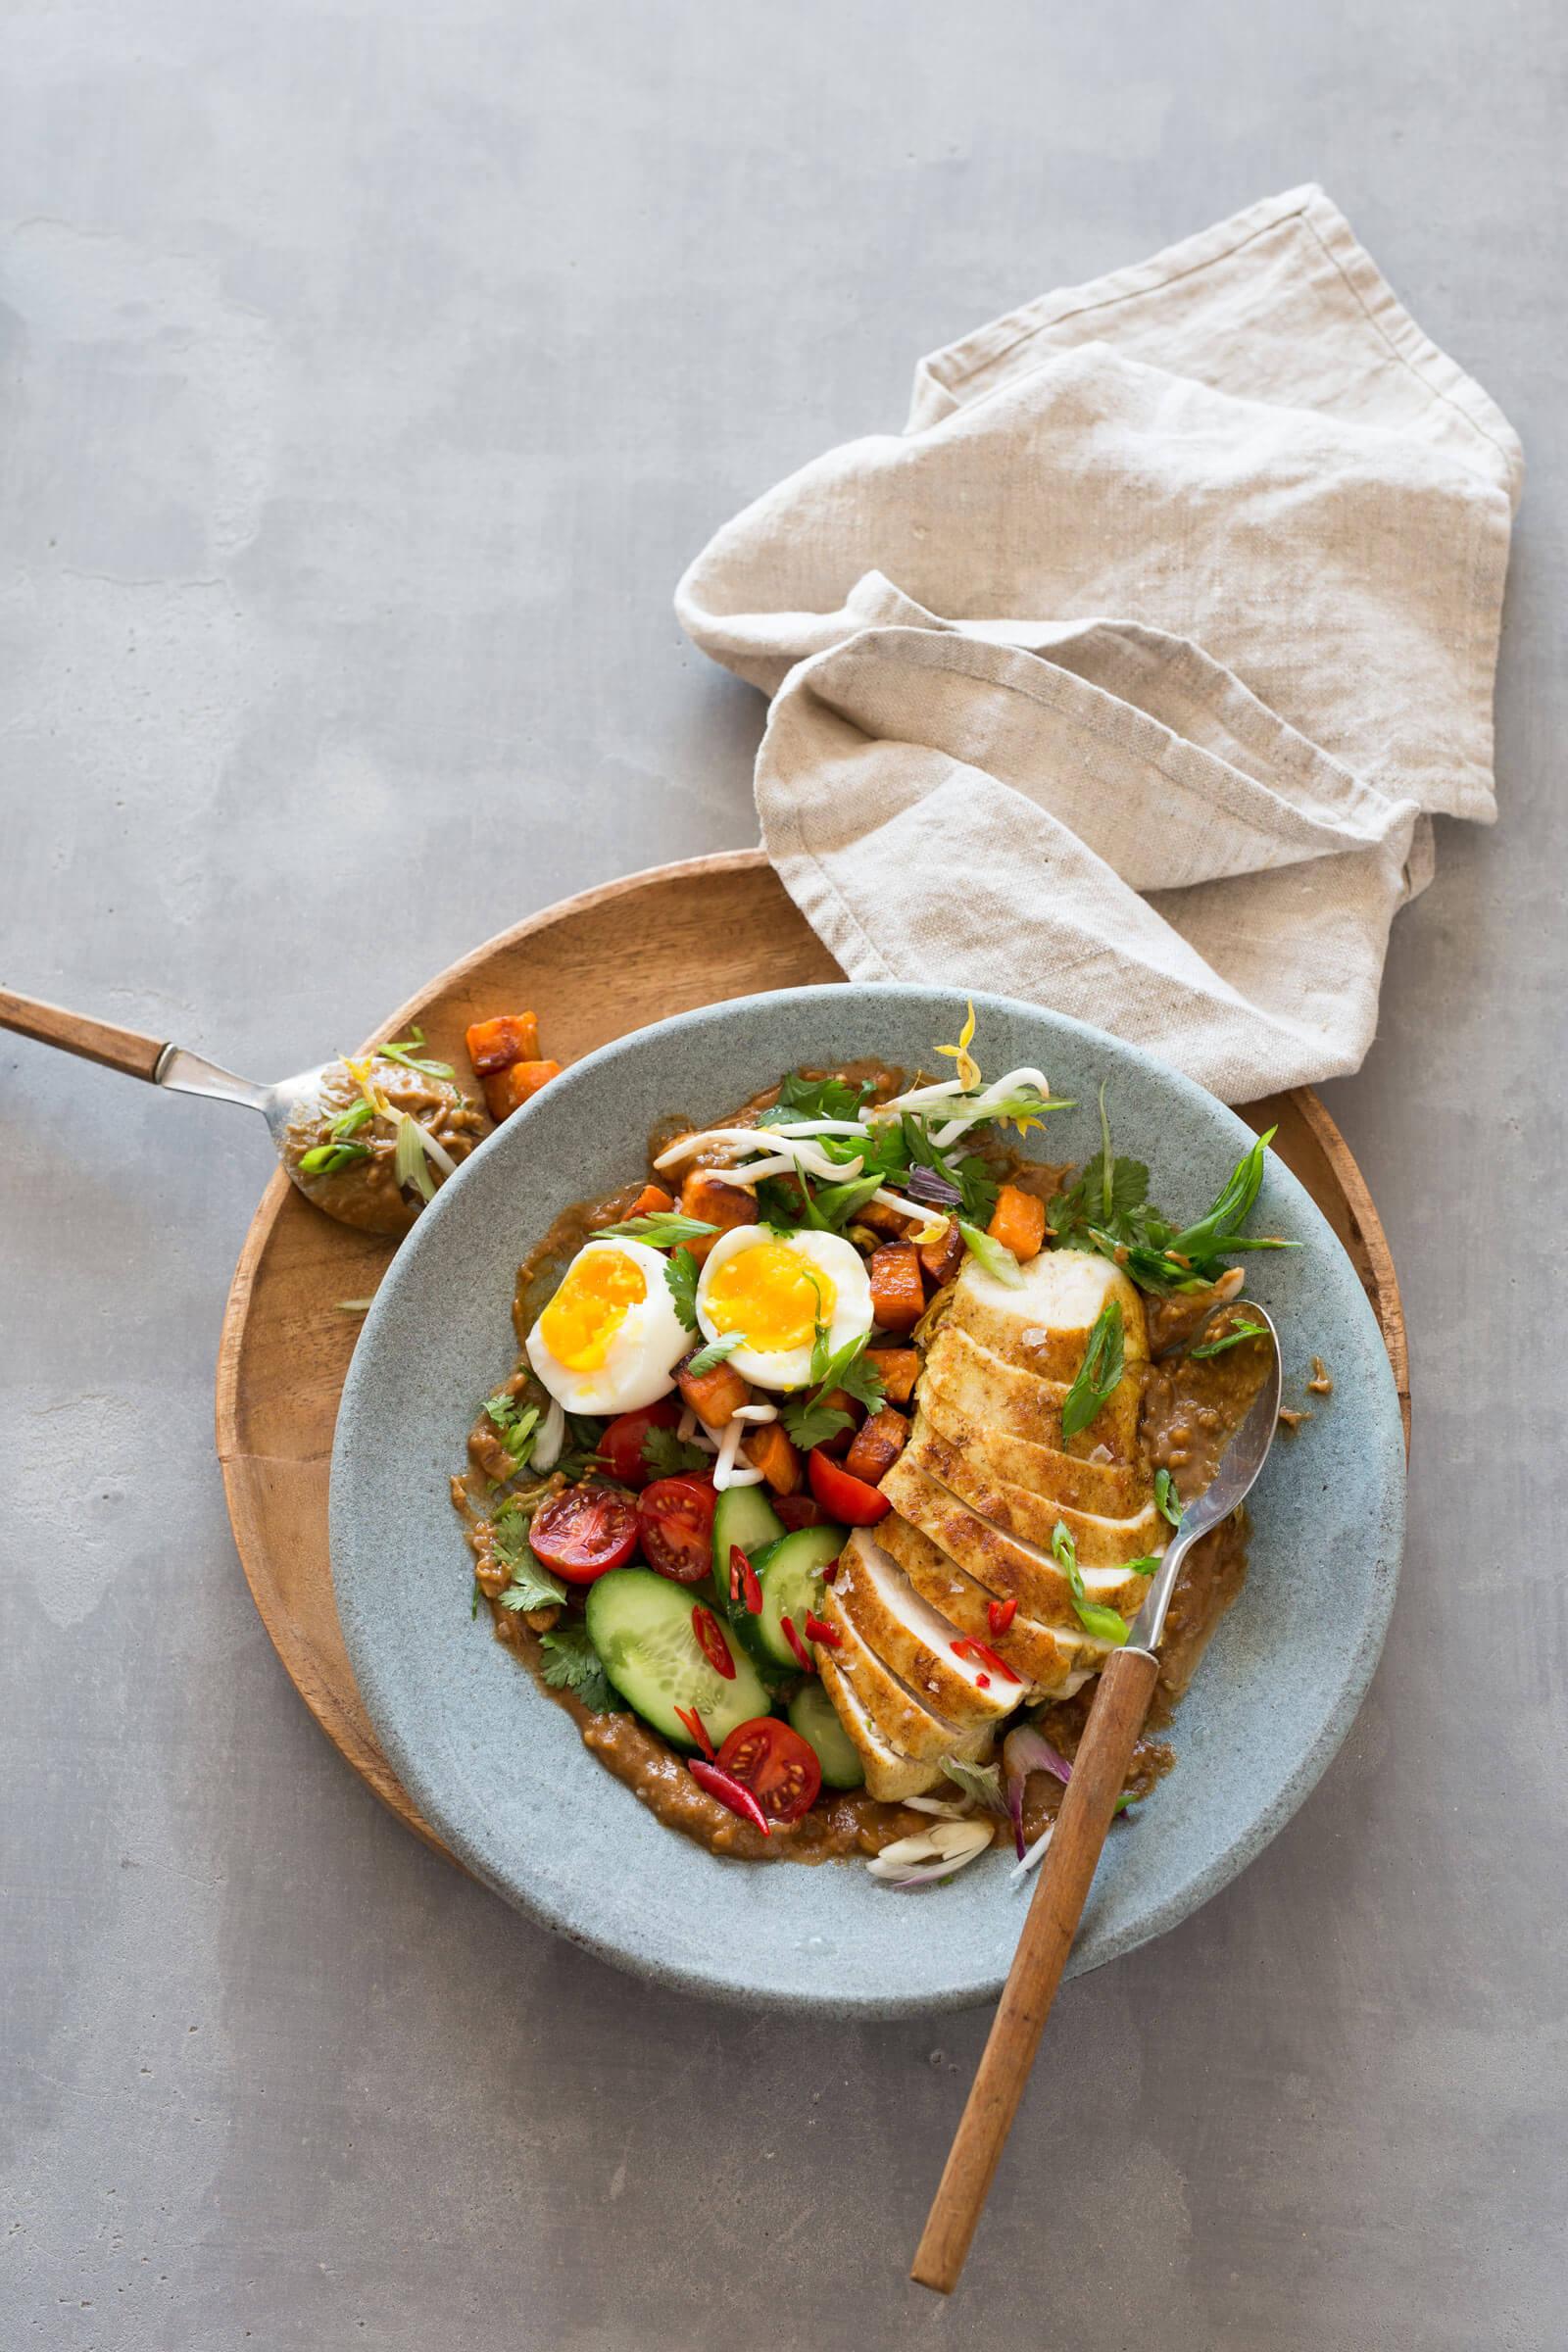 Gado Gado indonesischer Salat mit Huhn, Ei und Erdnuss-Sauce